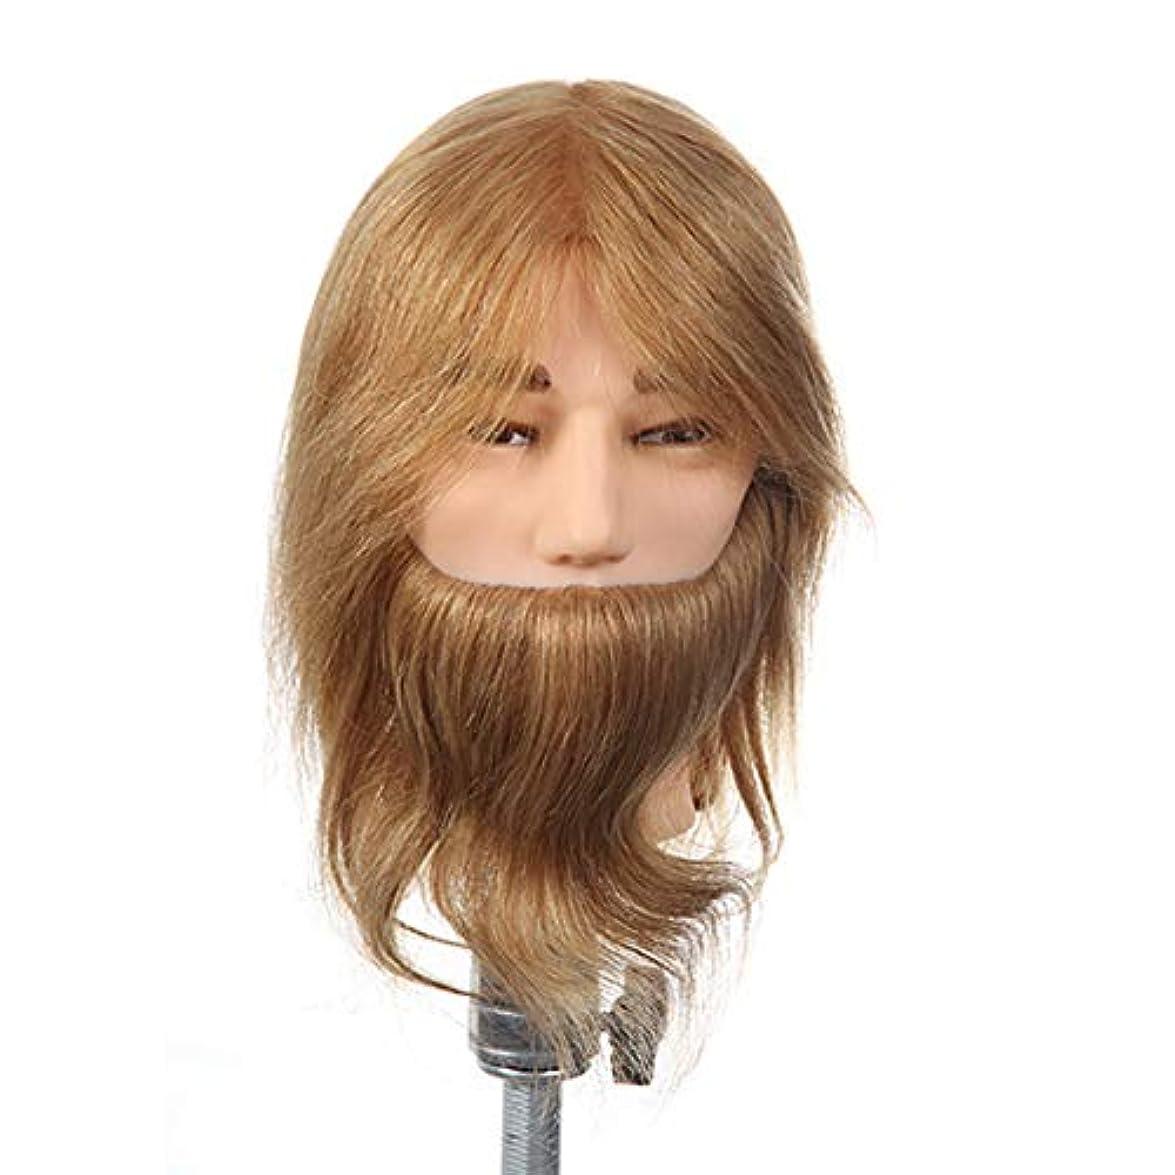 プラスチック認可私たち自身サロン学習パーマ髪染めマネキン男スタイリングかつらティーチングヘッドリアル人間の髪ダミーヘッド付きひげロングヘアゴールド